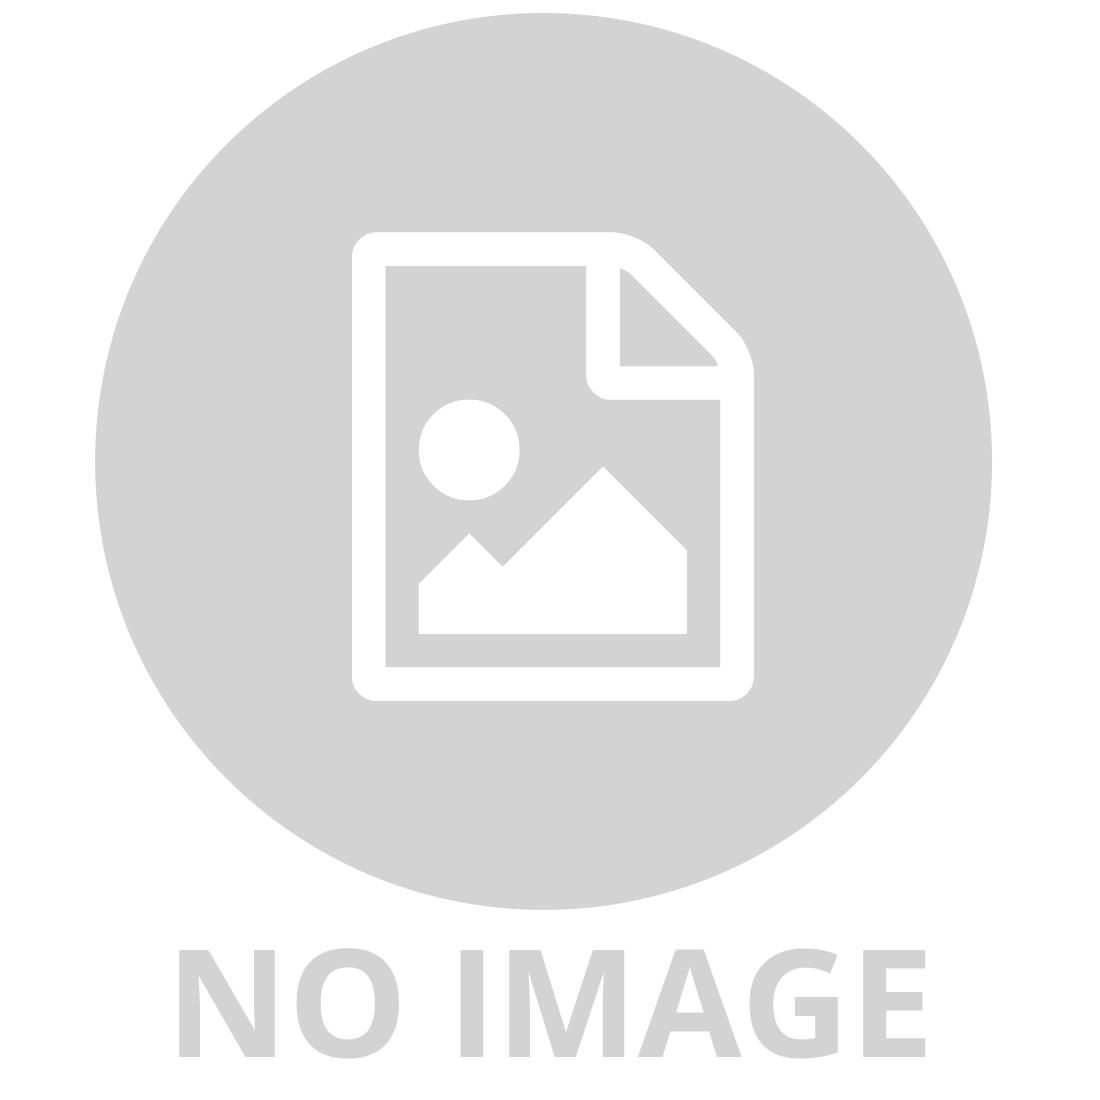 ROCKING HORSE TAN